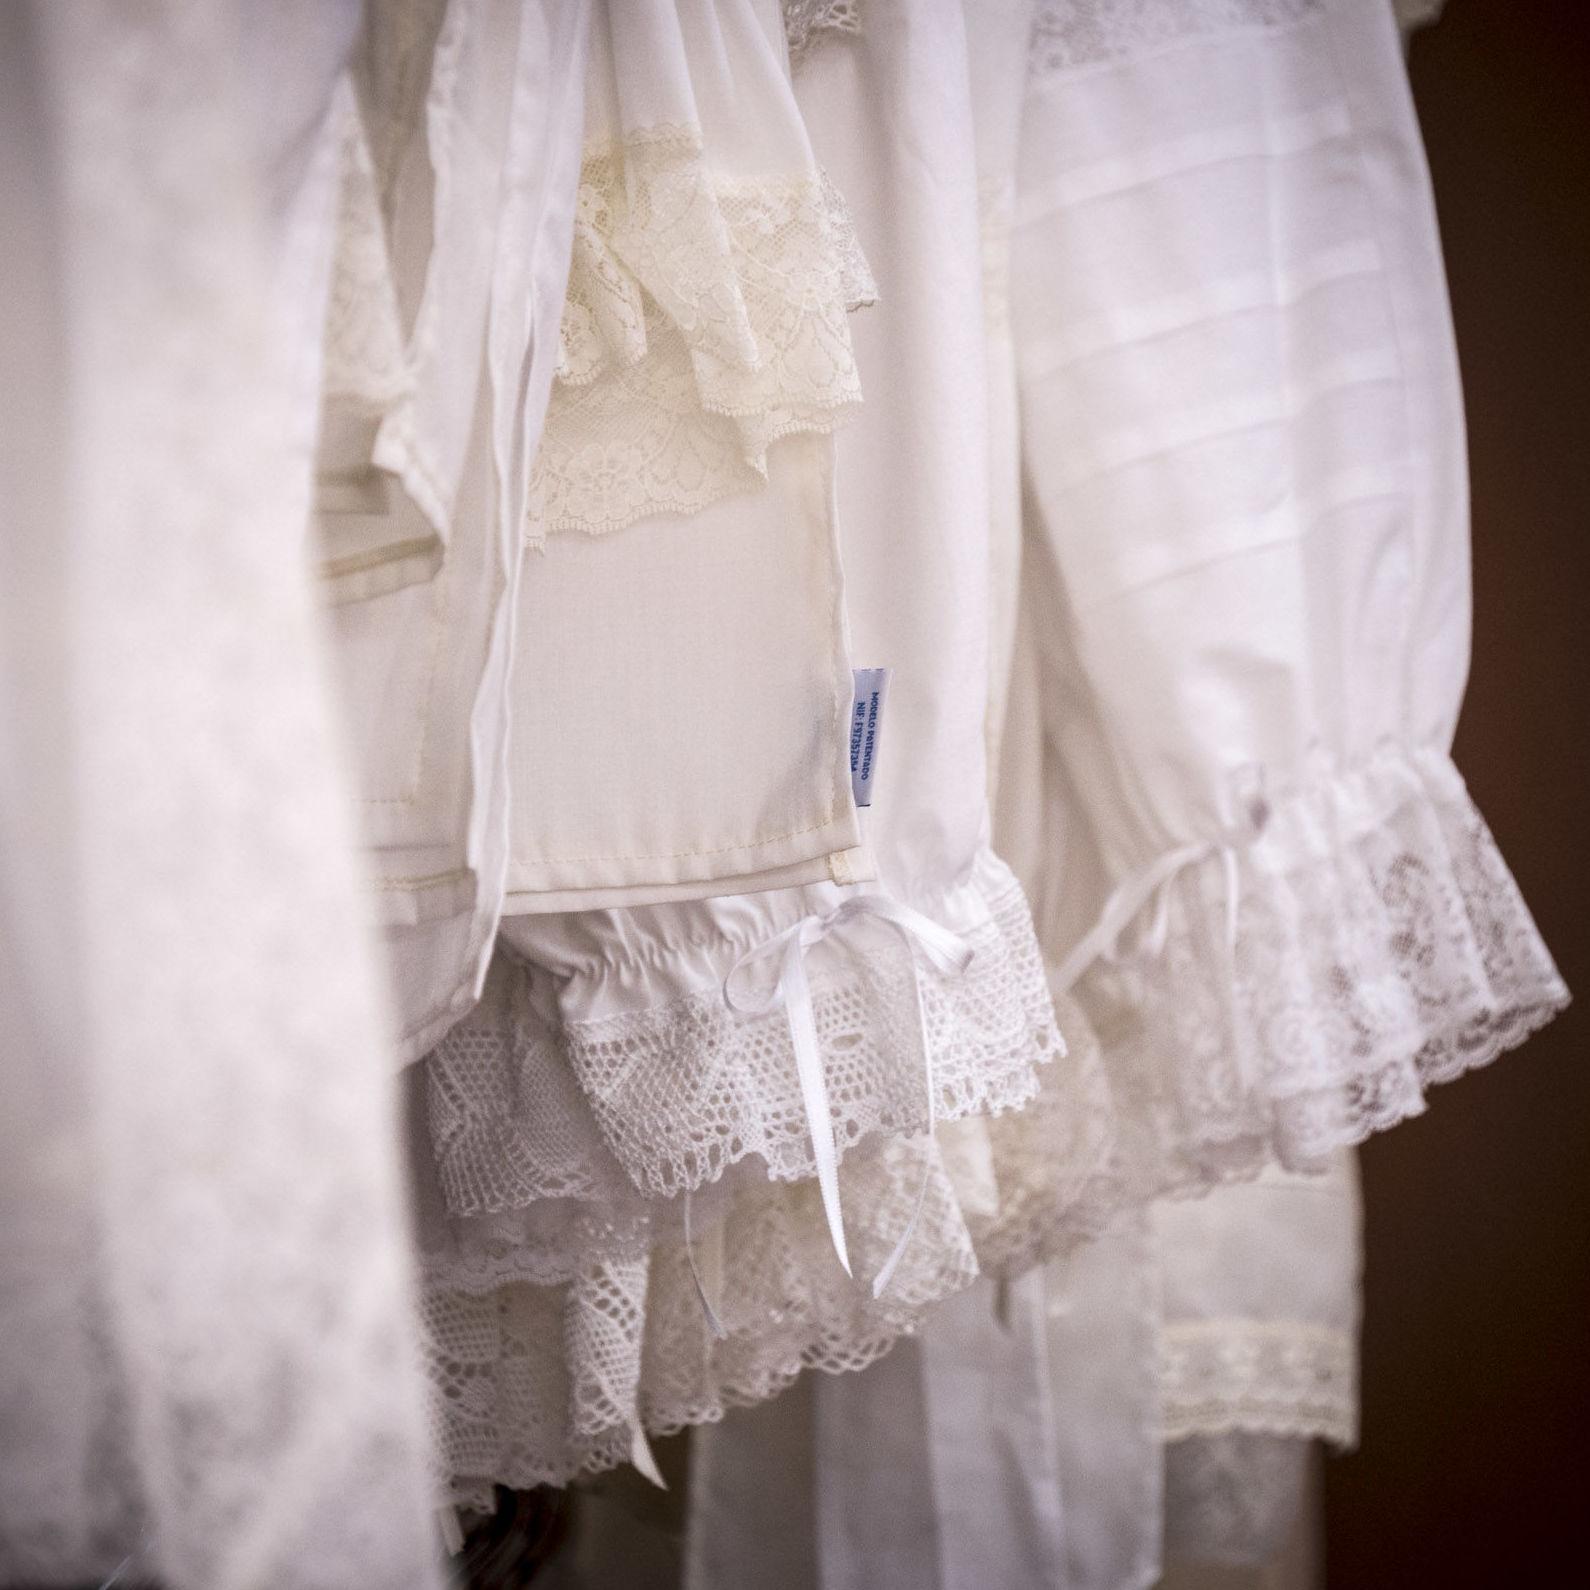 Foto 1 de Taller textil especializado en la elaboración de indumentaria valenciana en Tavernes de la Valldigna | La Llar del Fil